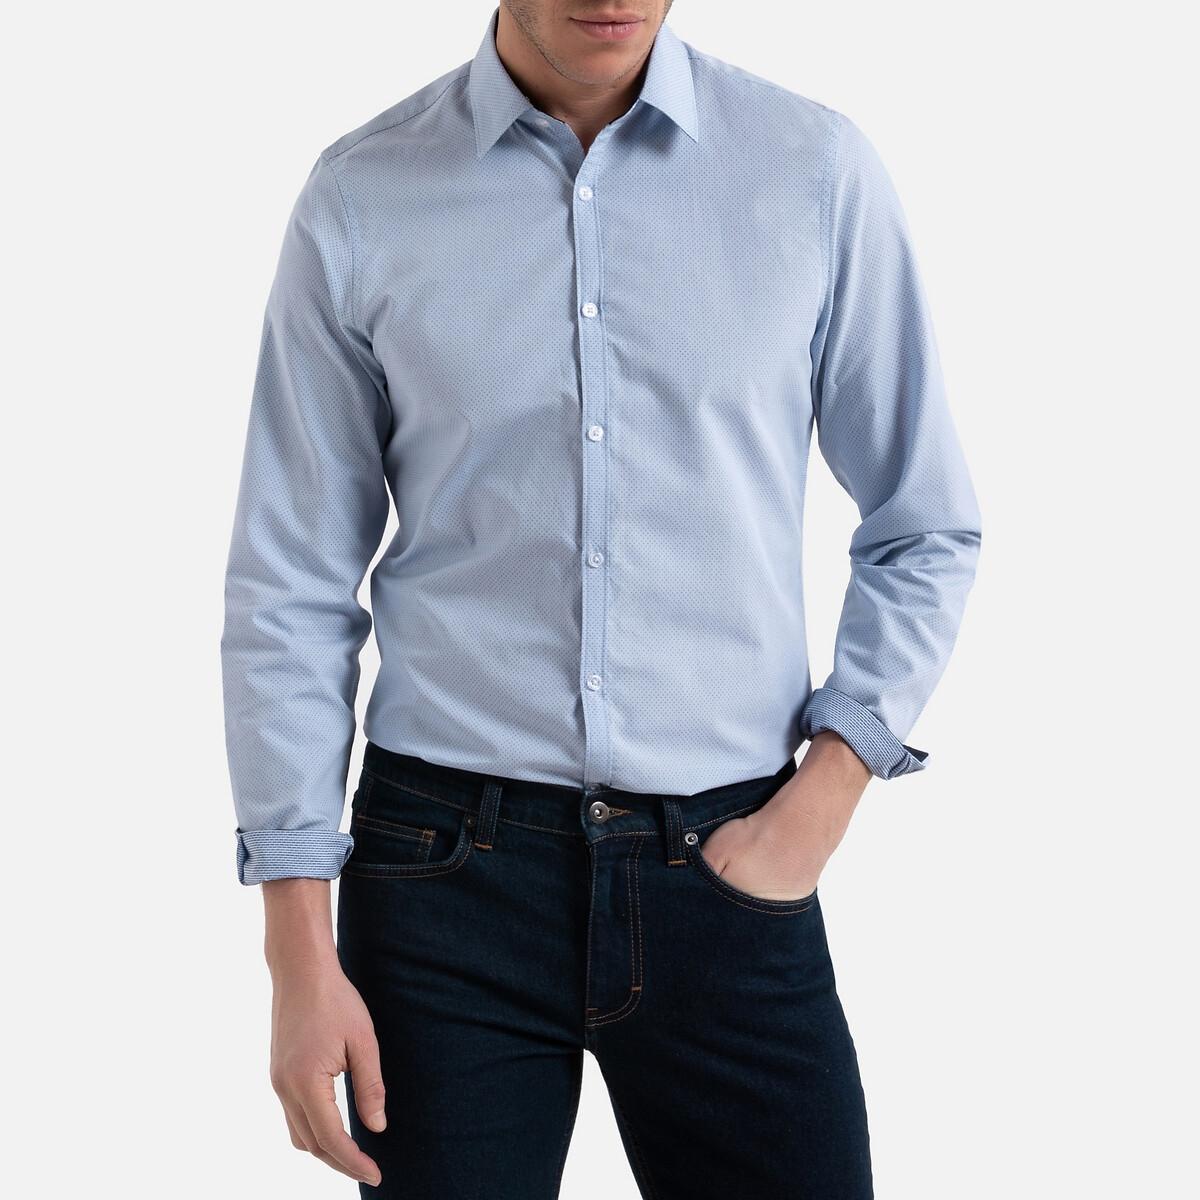 цена Рубашка La Redoute Узкого покроя с длинными рукавами с принтом в горошек 47/48 синий онлайн в 2017 году